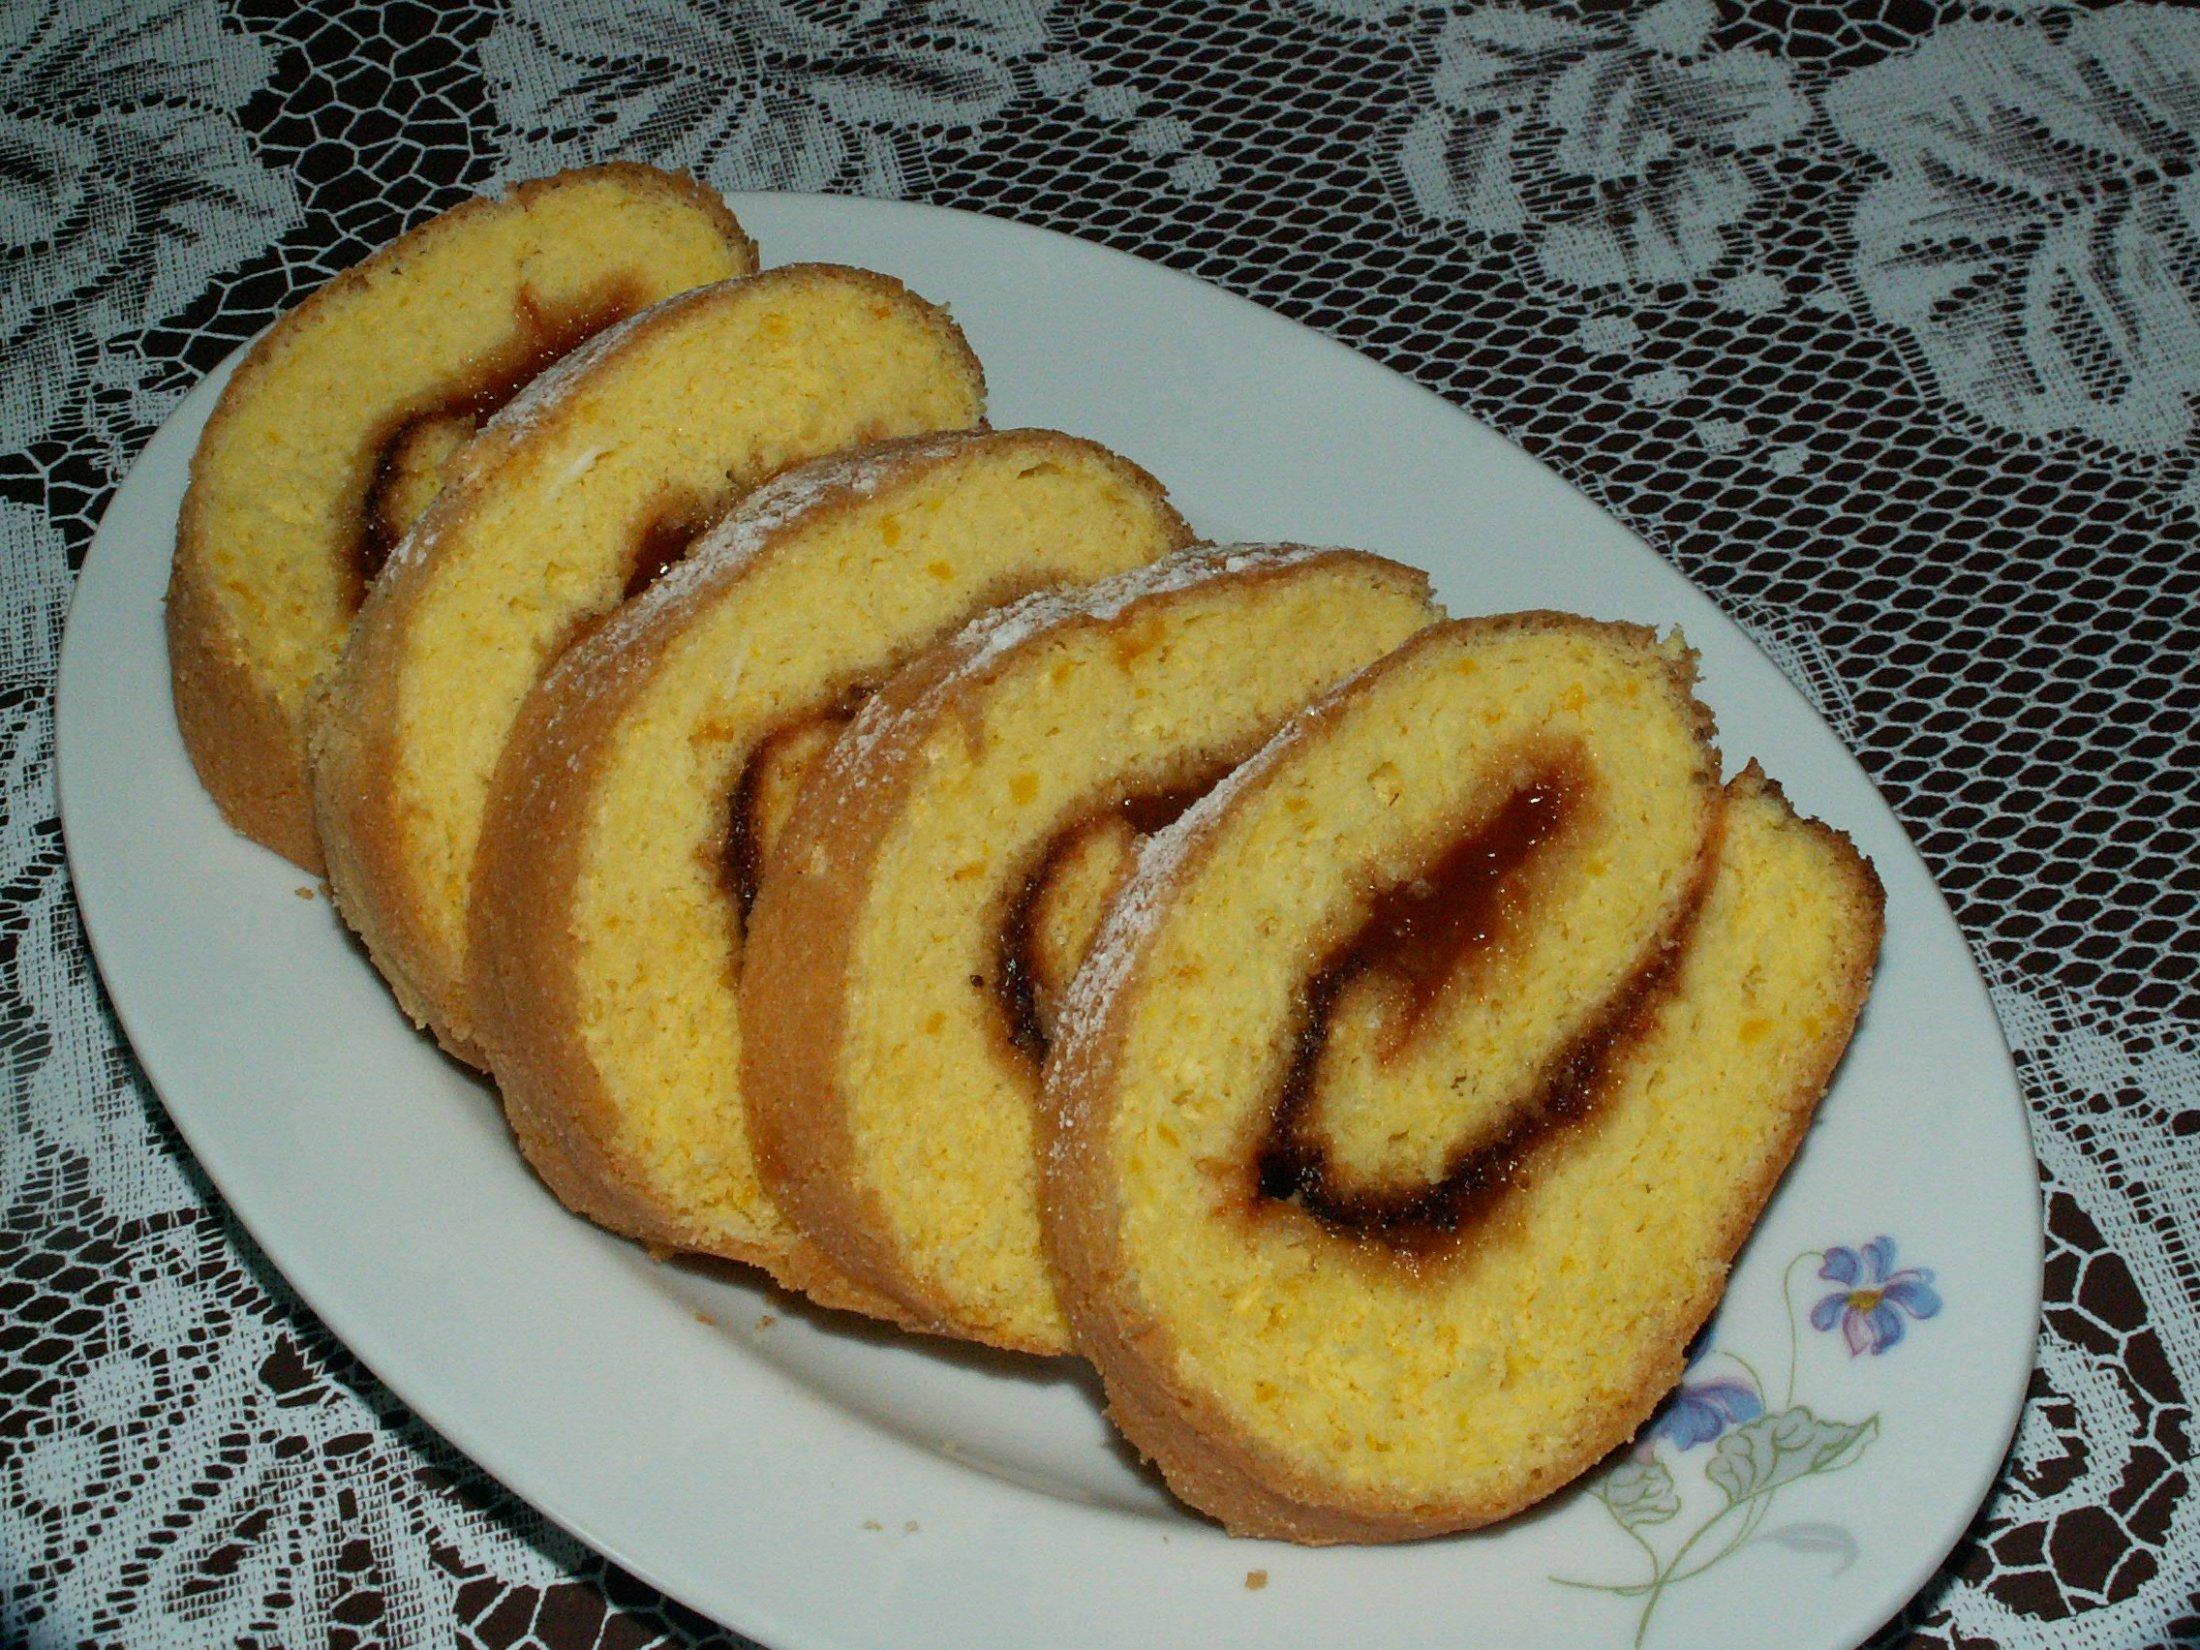 Recept Roláda s marmeládou - Chutnala výtečně. Vyzkoušela jsem a mohu ji  jen  doporučit ostatním.